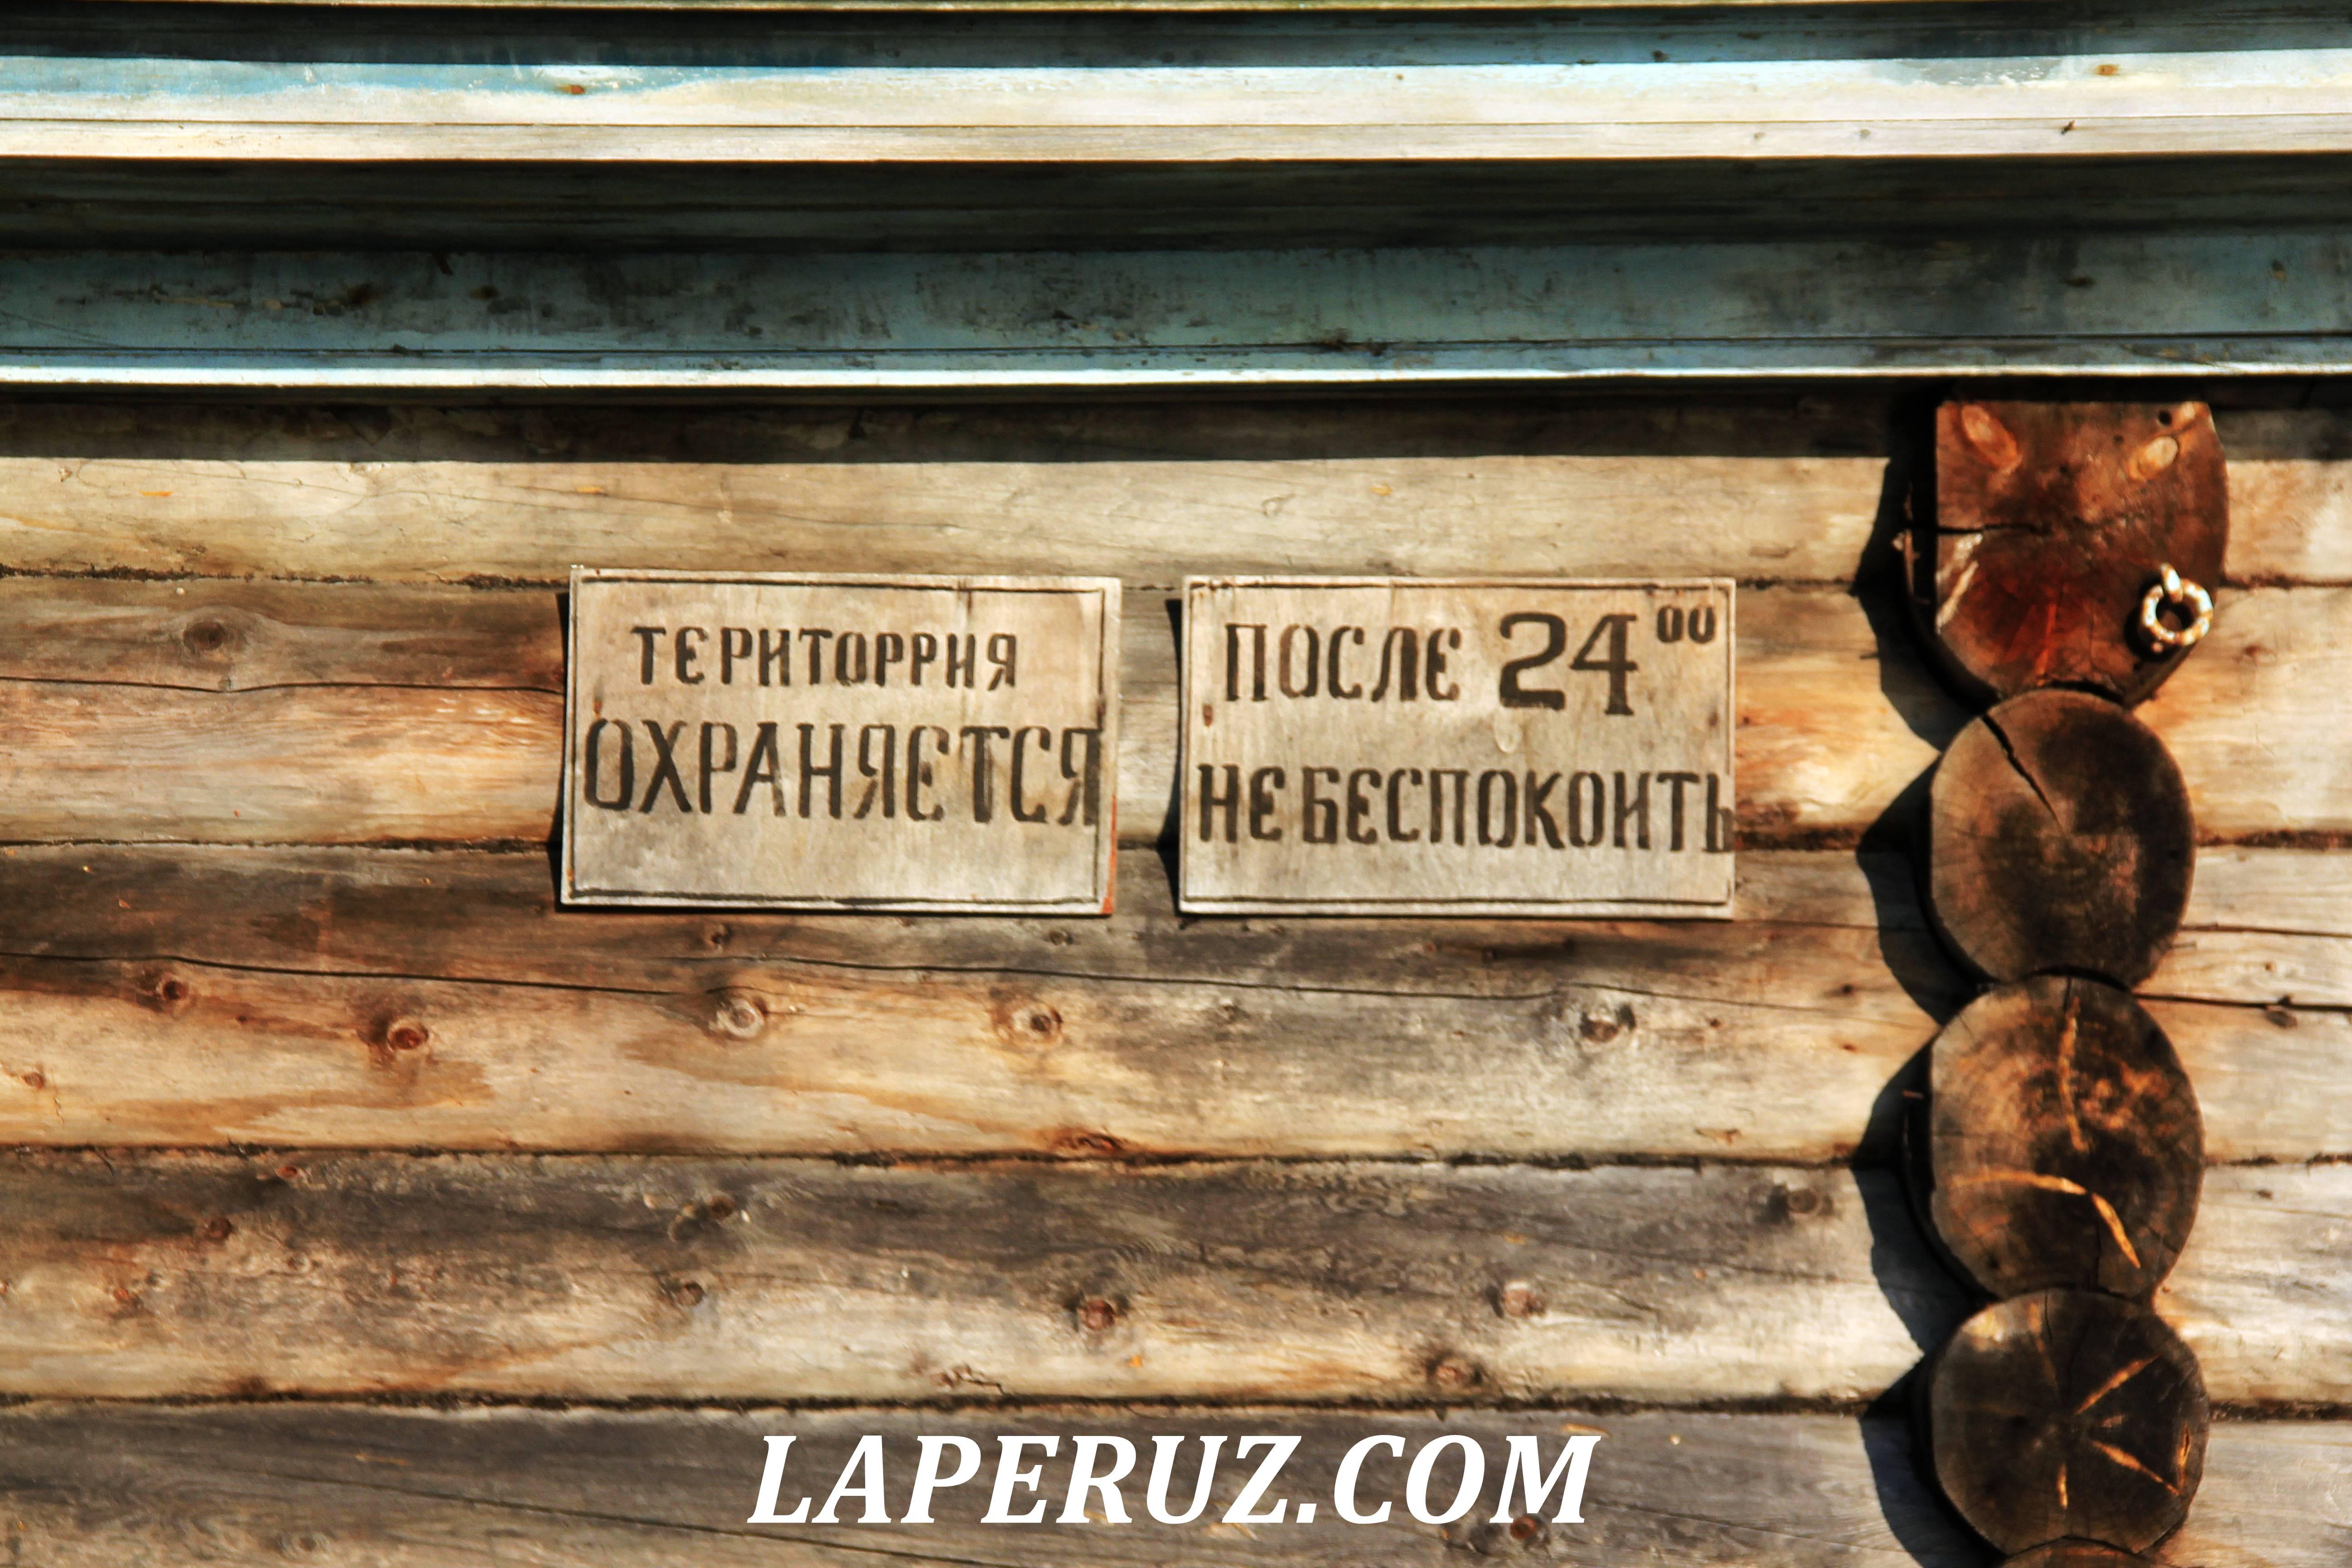 rabocheostrovsk_nadpis_1